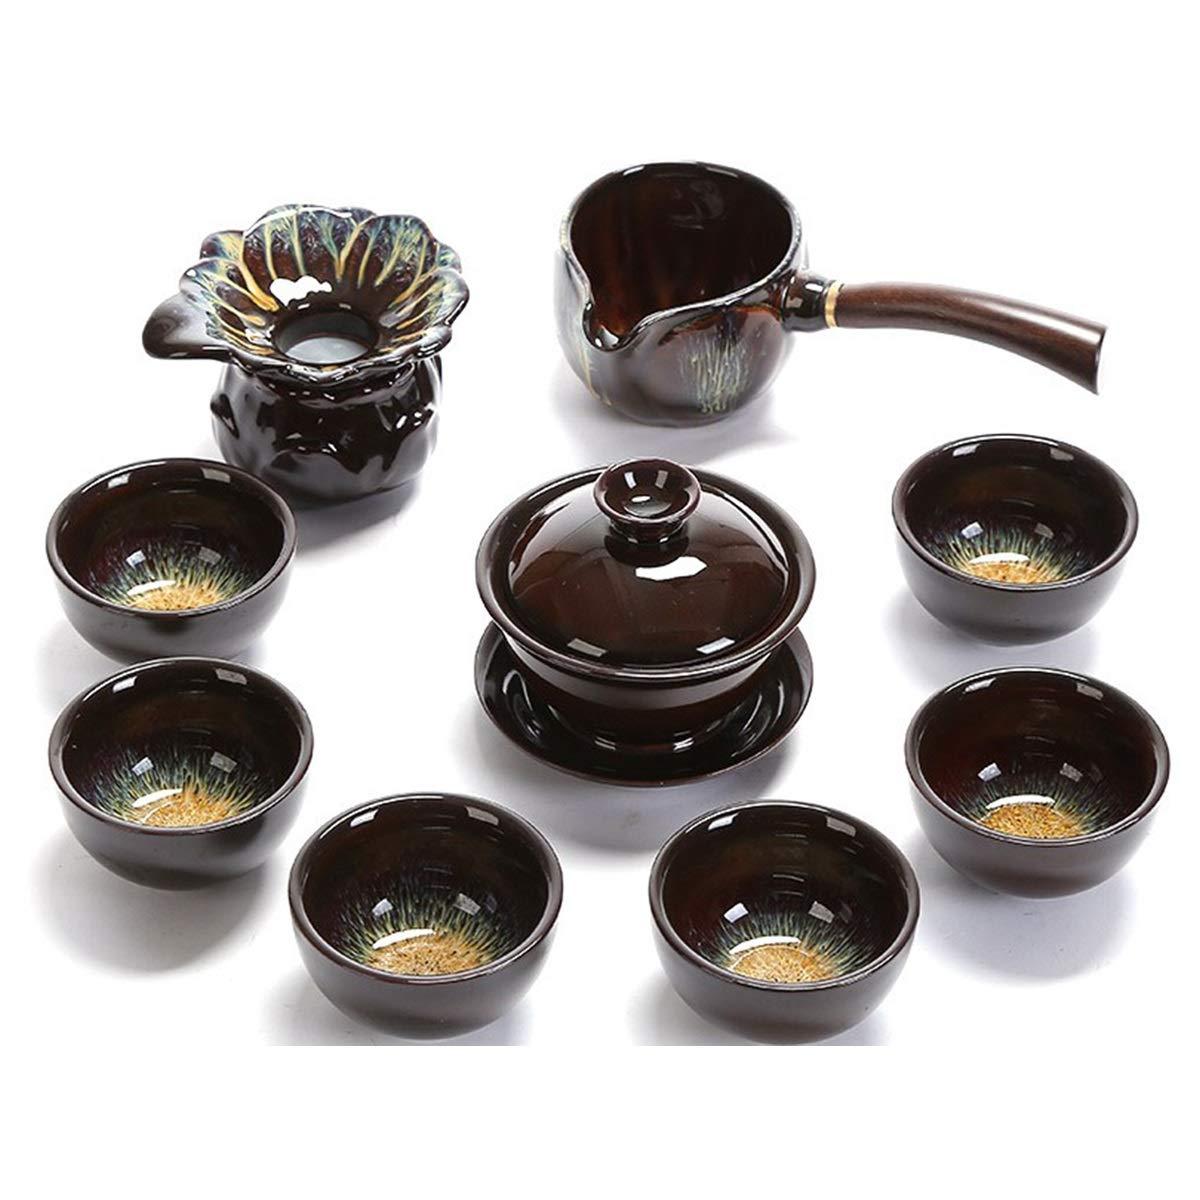 10ピース中国の陶磁器のお茶セット (Design : B) B07QCYY2ZT  B